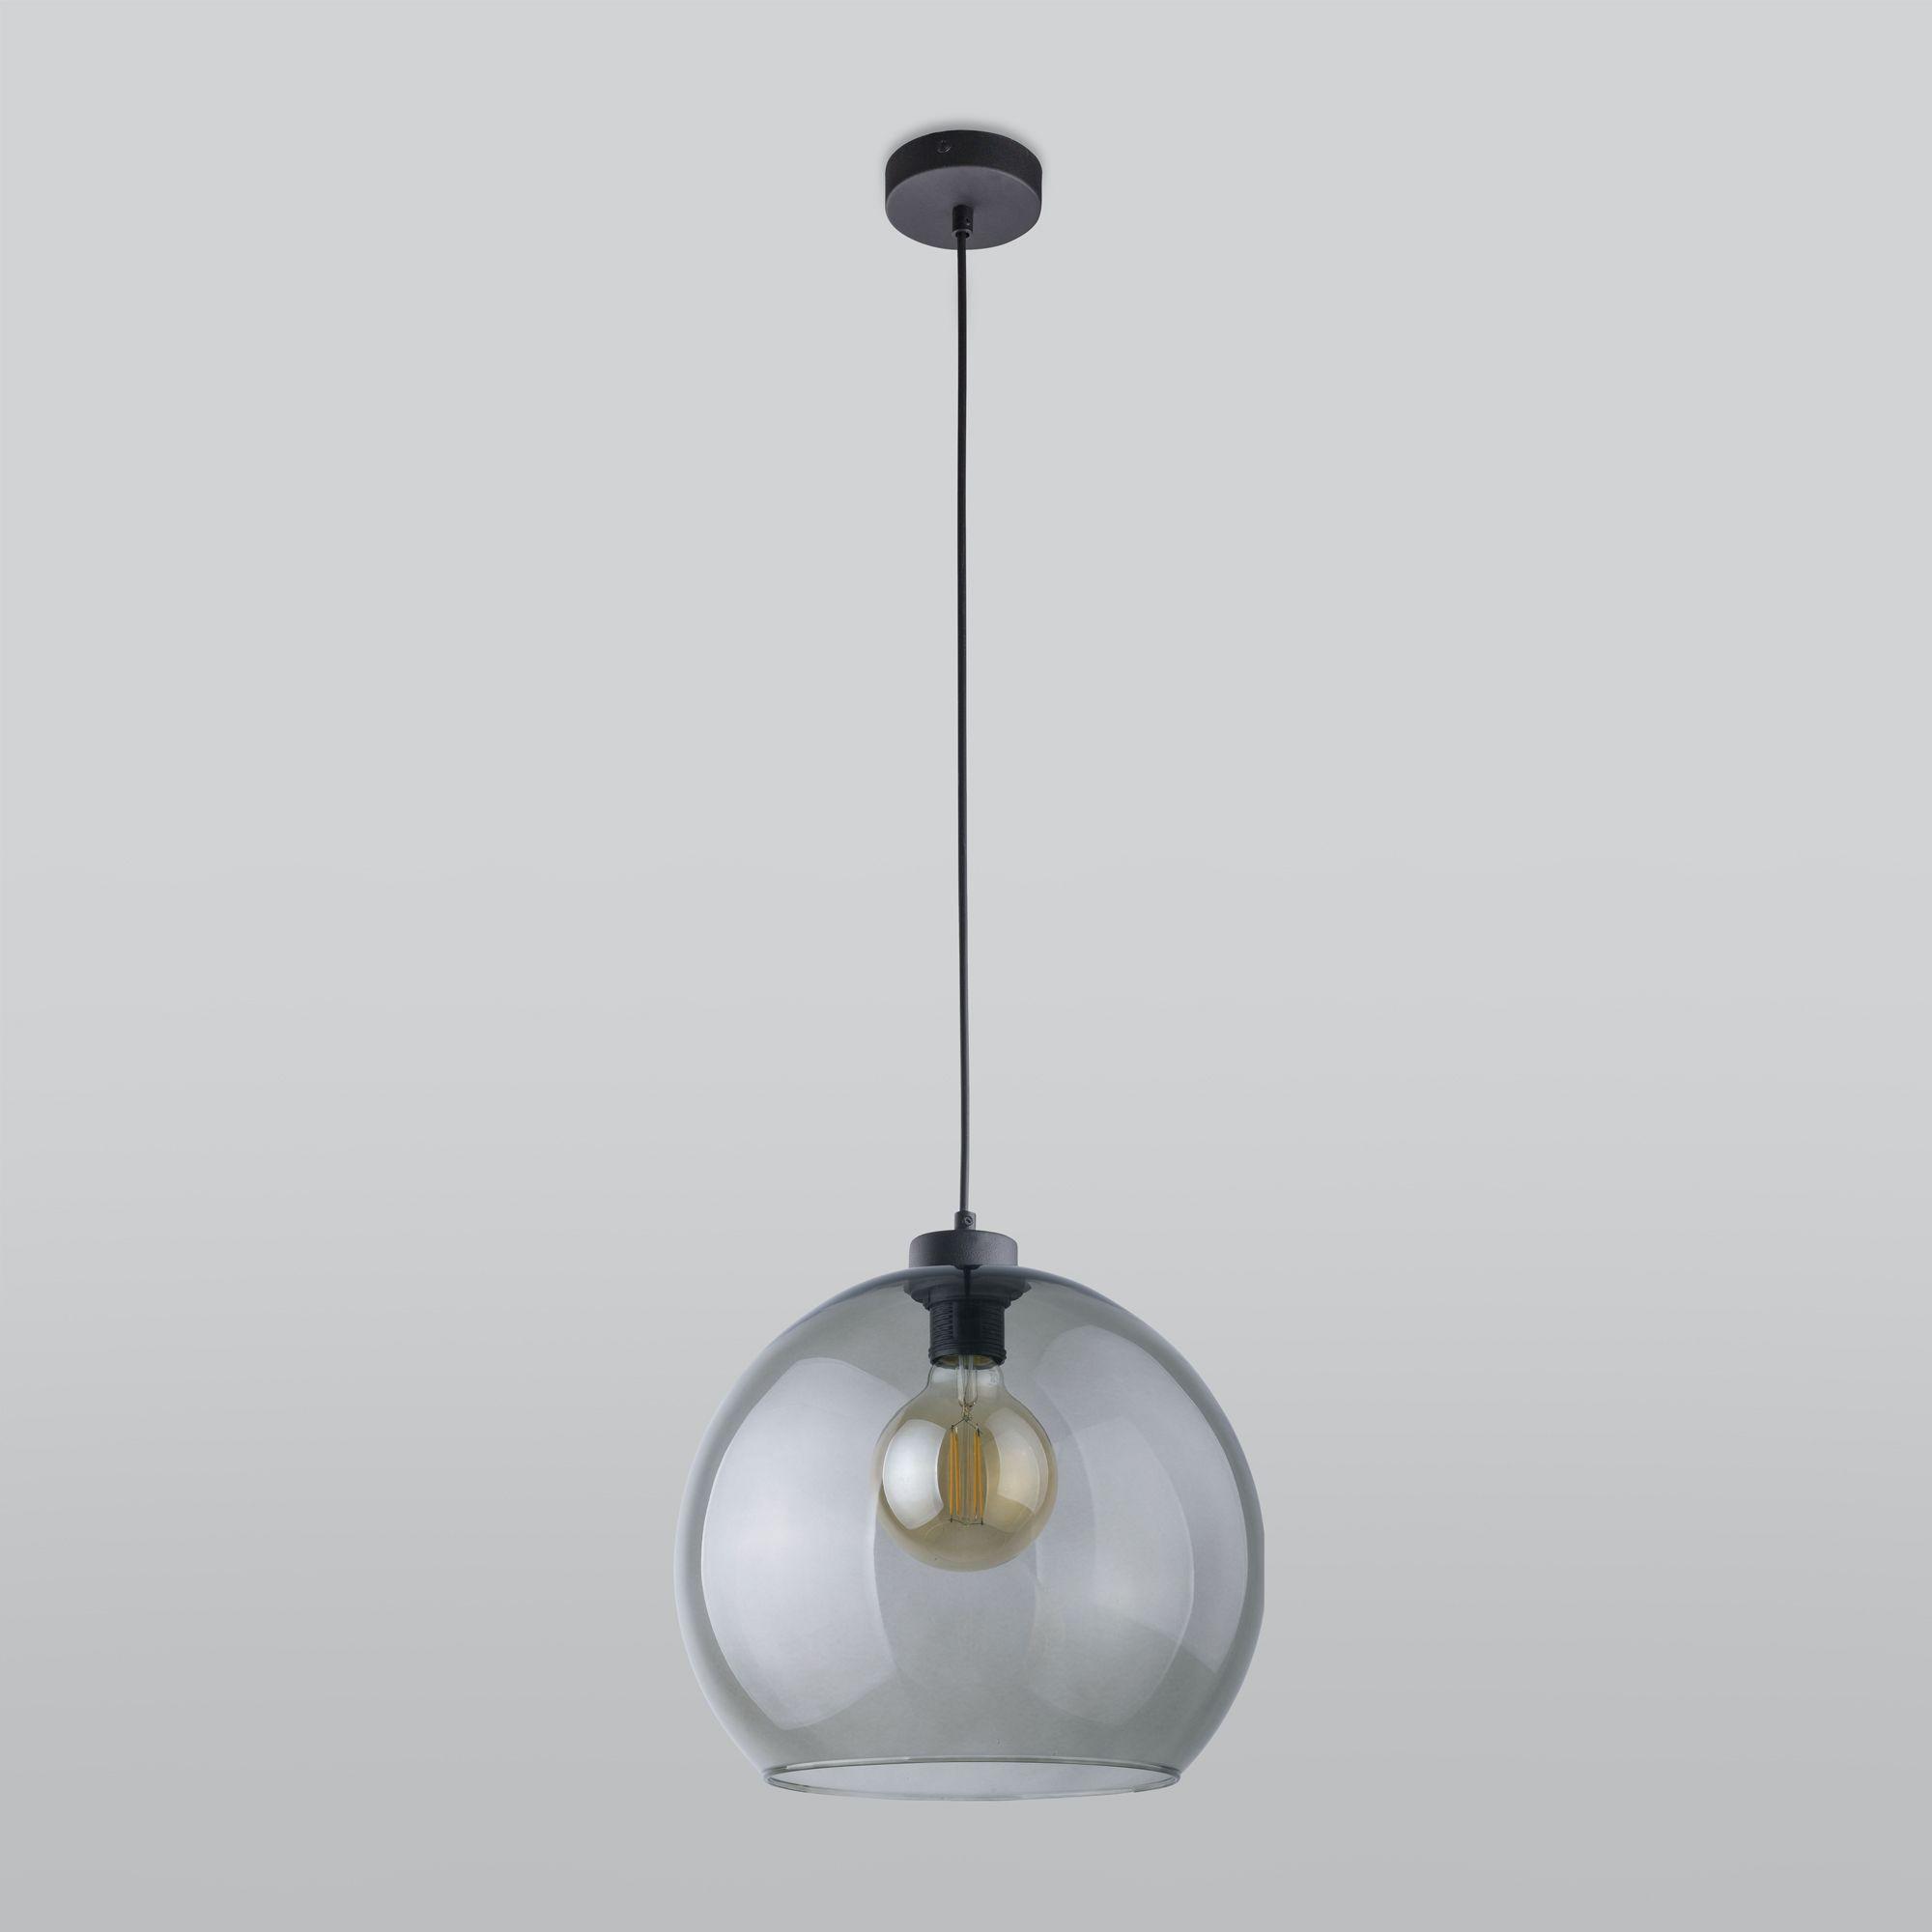 Подвесной светильник со стеклянным плафоном 4292 Cubus Graphite